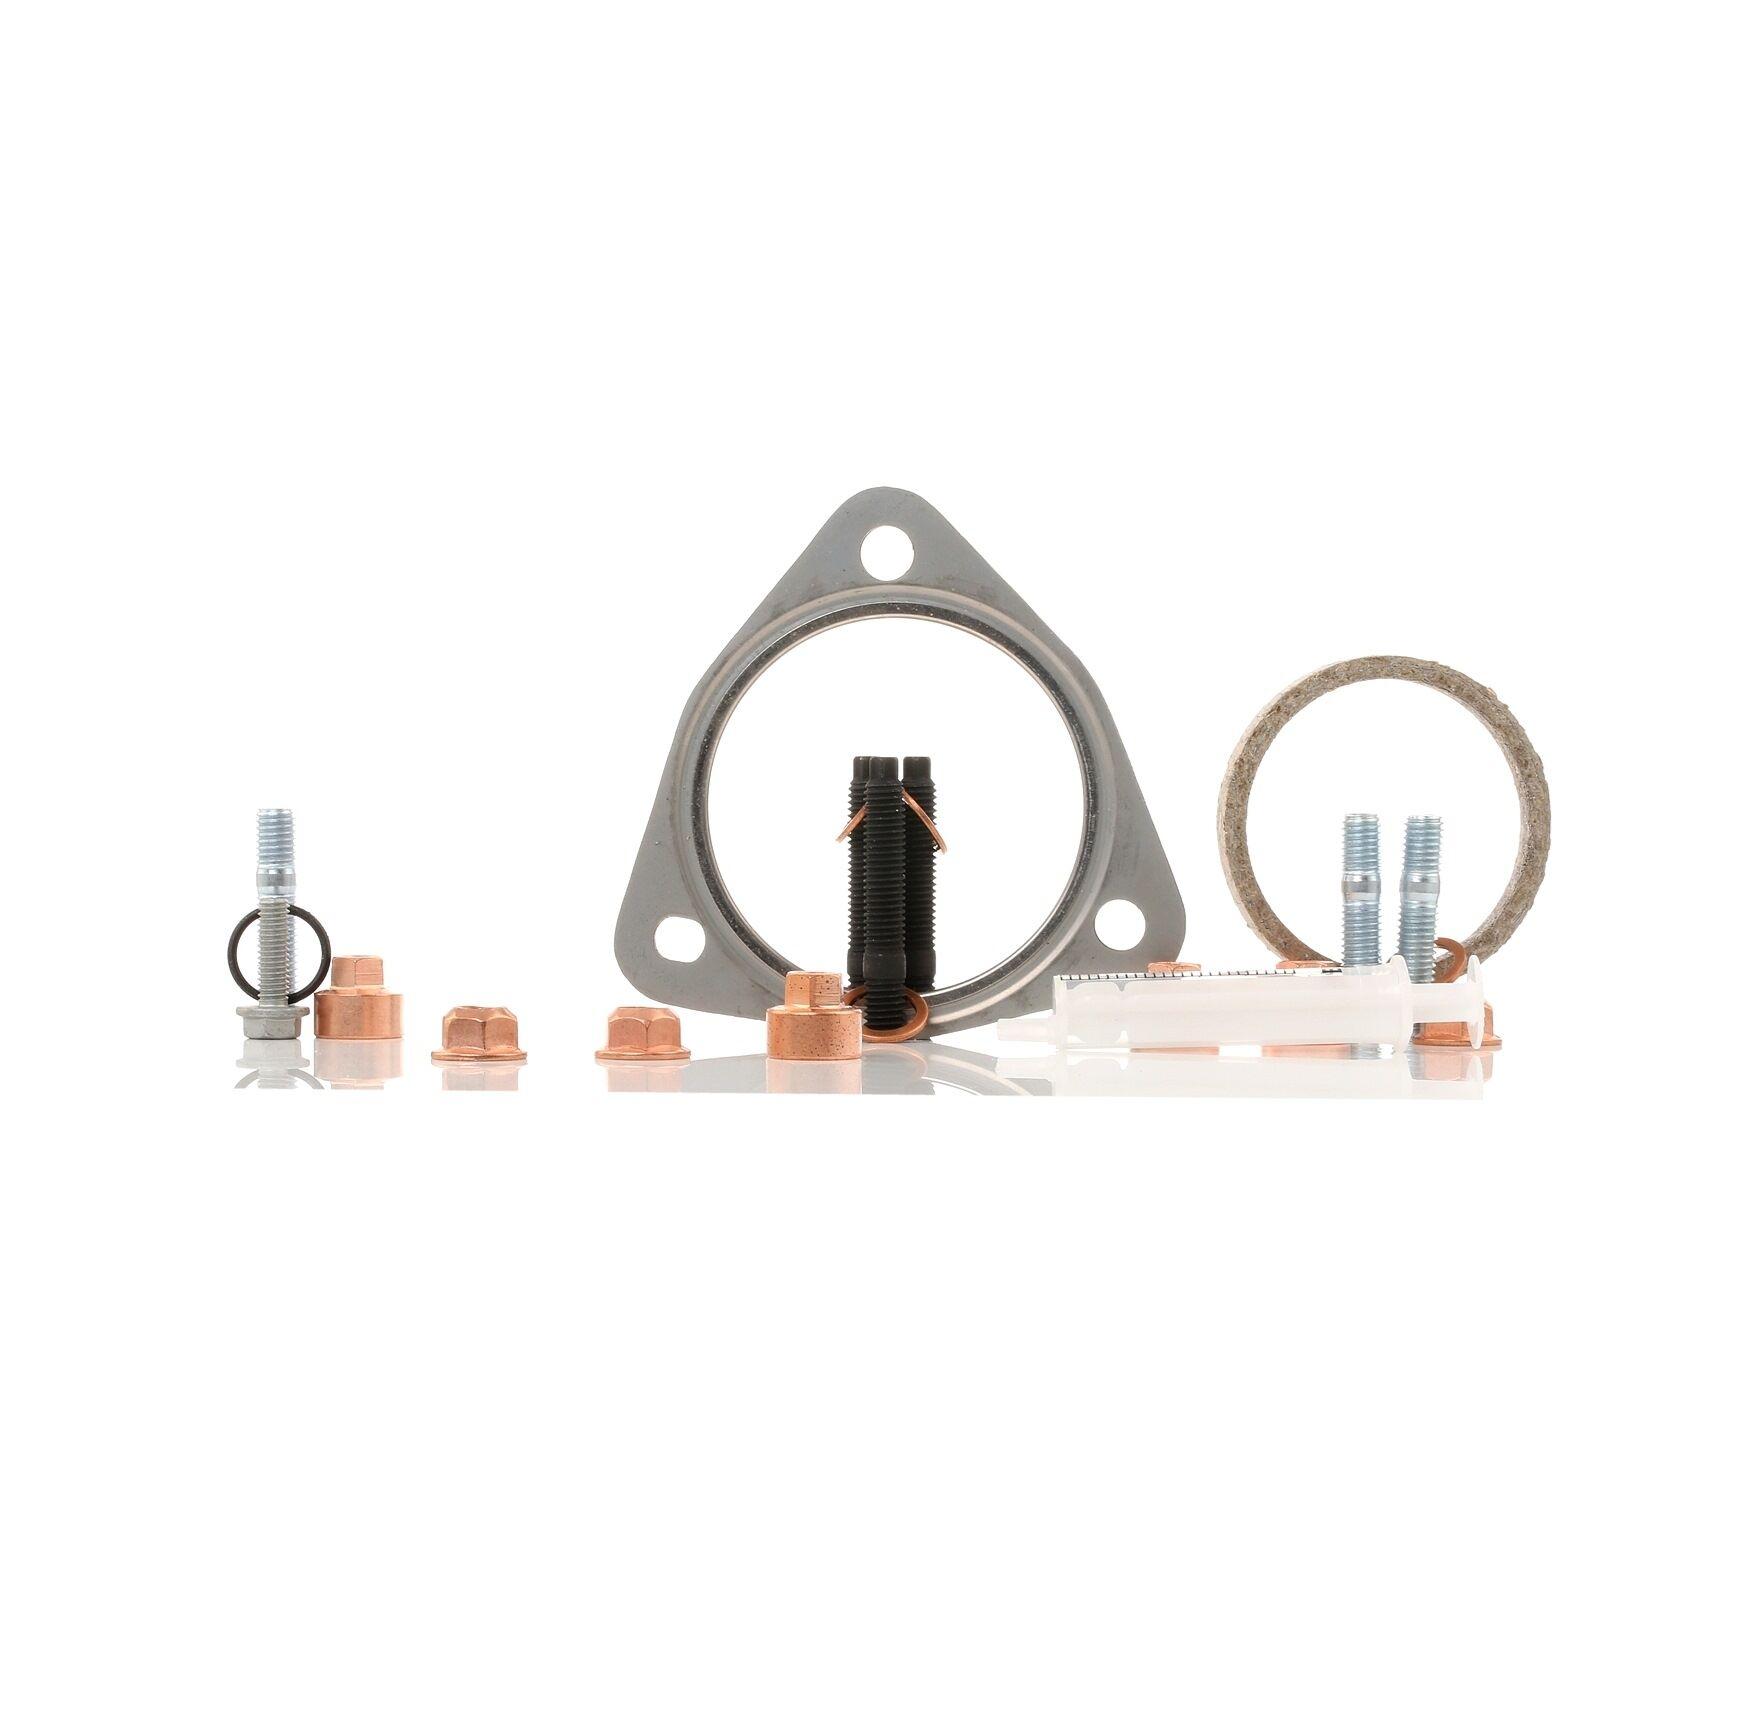 FA1 Kit de montage, compresseur PEUGEOT,CITROËN,MINI KT100100